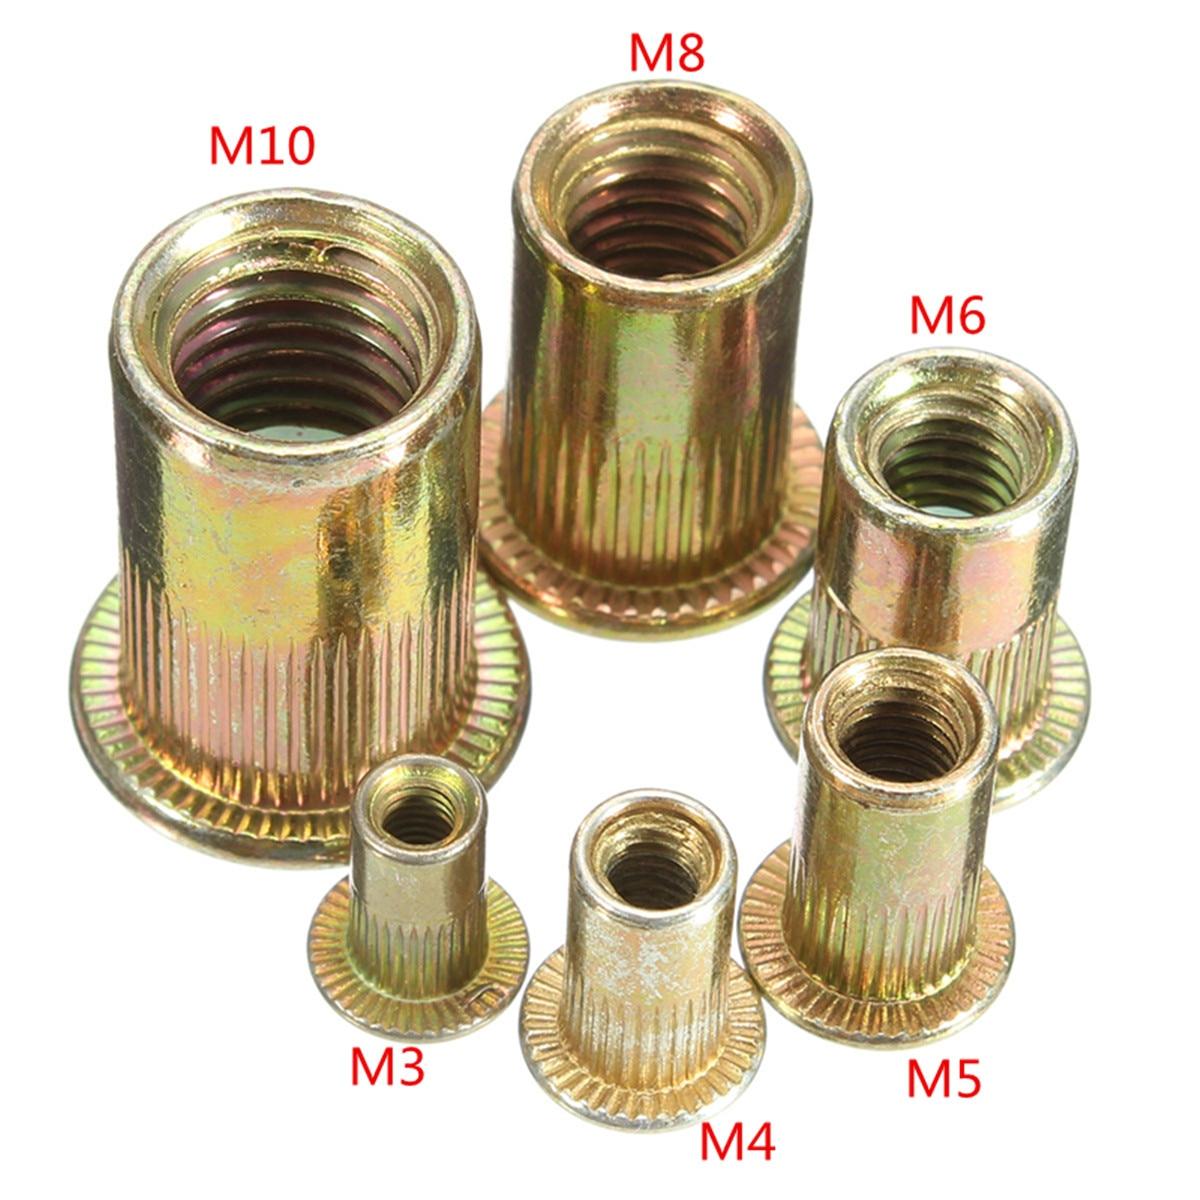 10/20PCS/set M3 M4 M6 M8 M10 Carbon Steel Rivet Nuts Flat Head Rivet Nuts Set Nuts Insert Riveting